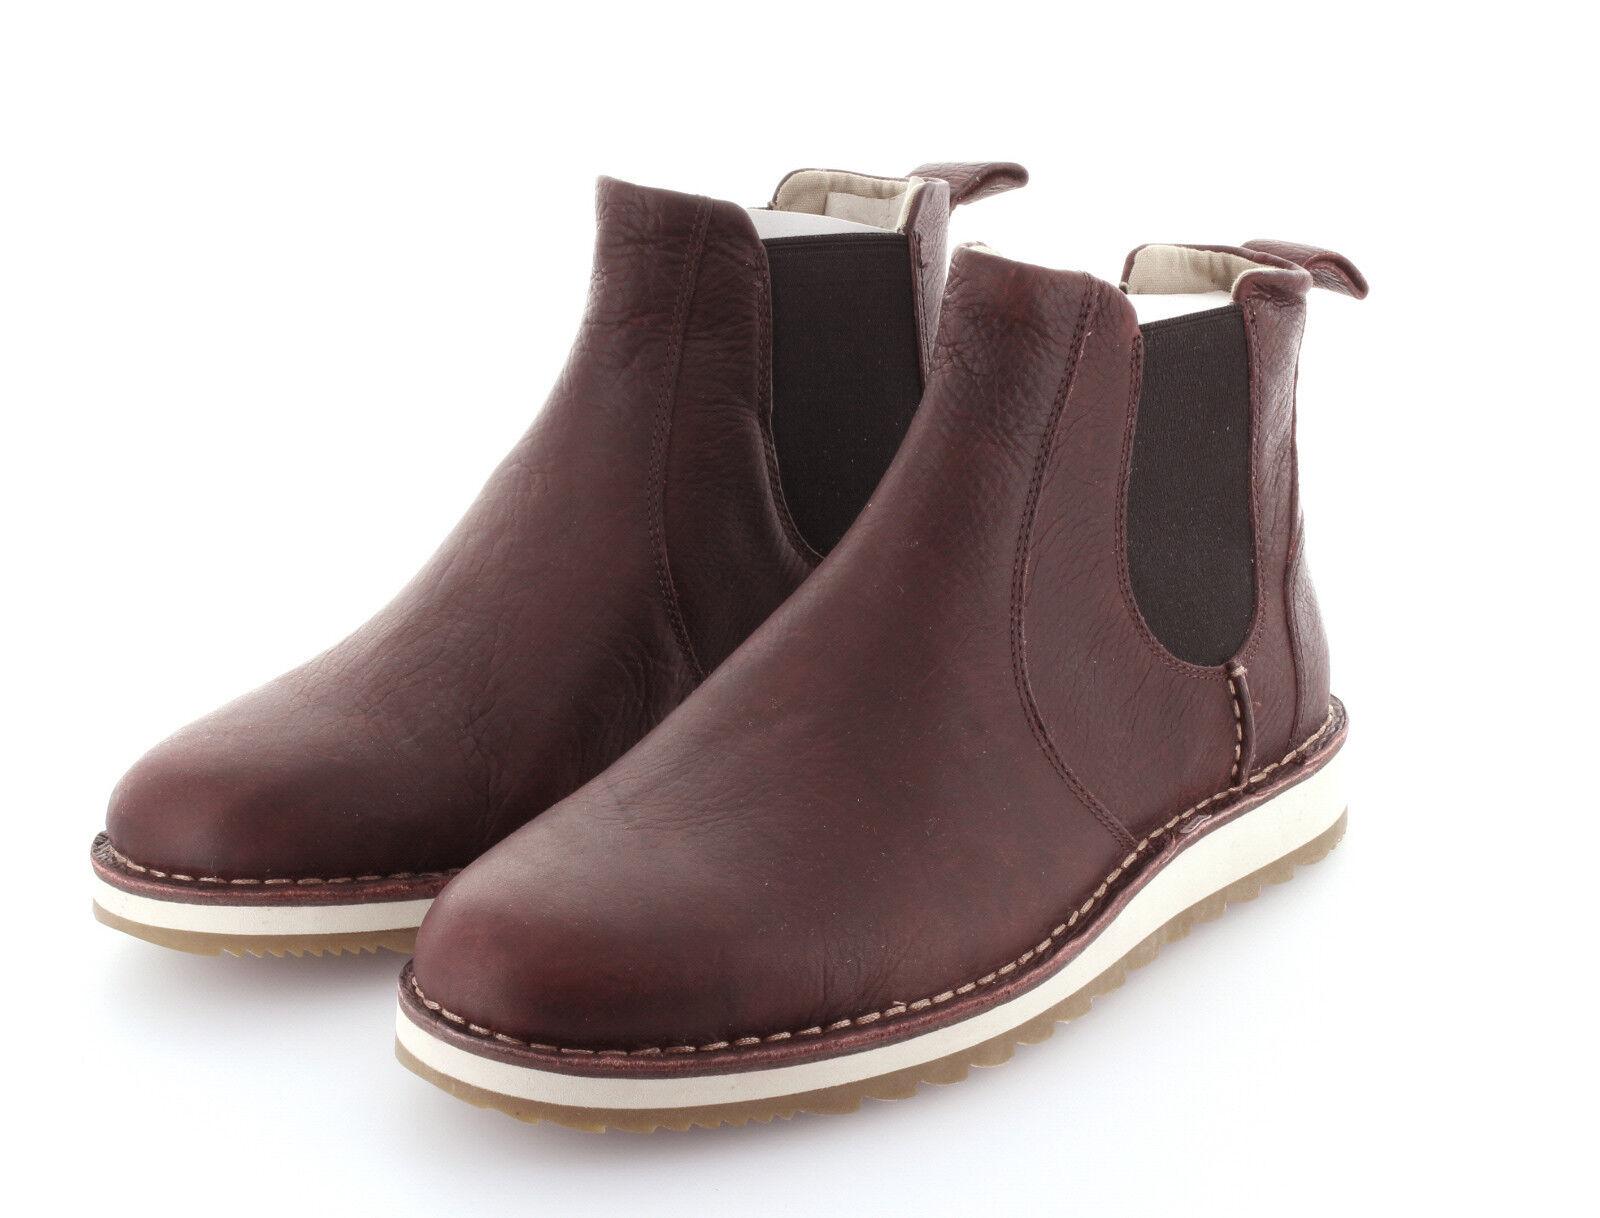 Descuento de la marca Sperry Top Sider Rosyth chelsea Burgundy Boot zapatos botas talla 42/us 9